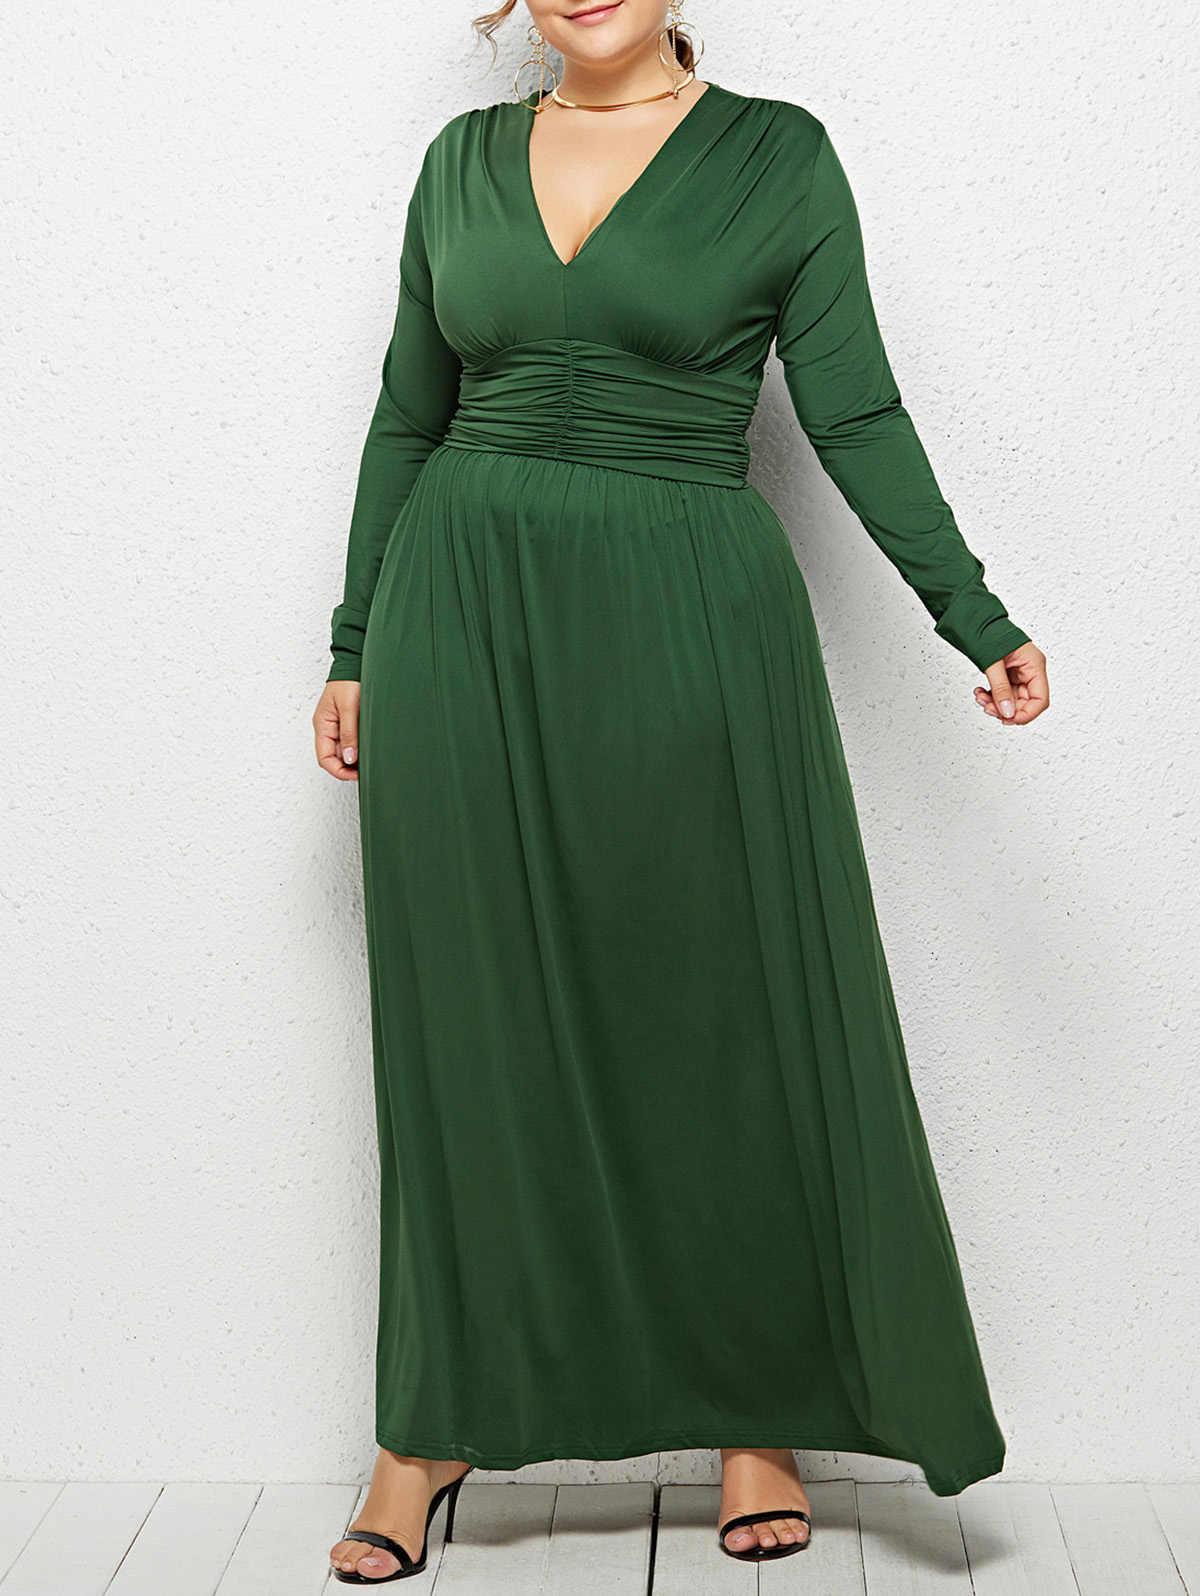 Wisalo Женское Платье макси с глубоким вырезом и завышенной талией, большие размеры, облегающее и расклешенное однотонное вечернее платье, повседневное Vestidos 3XL